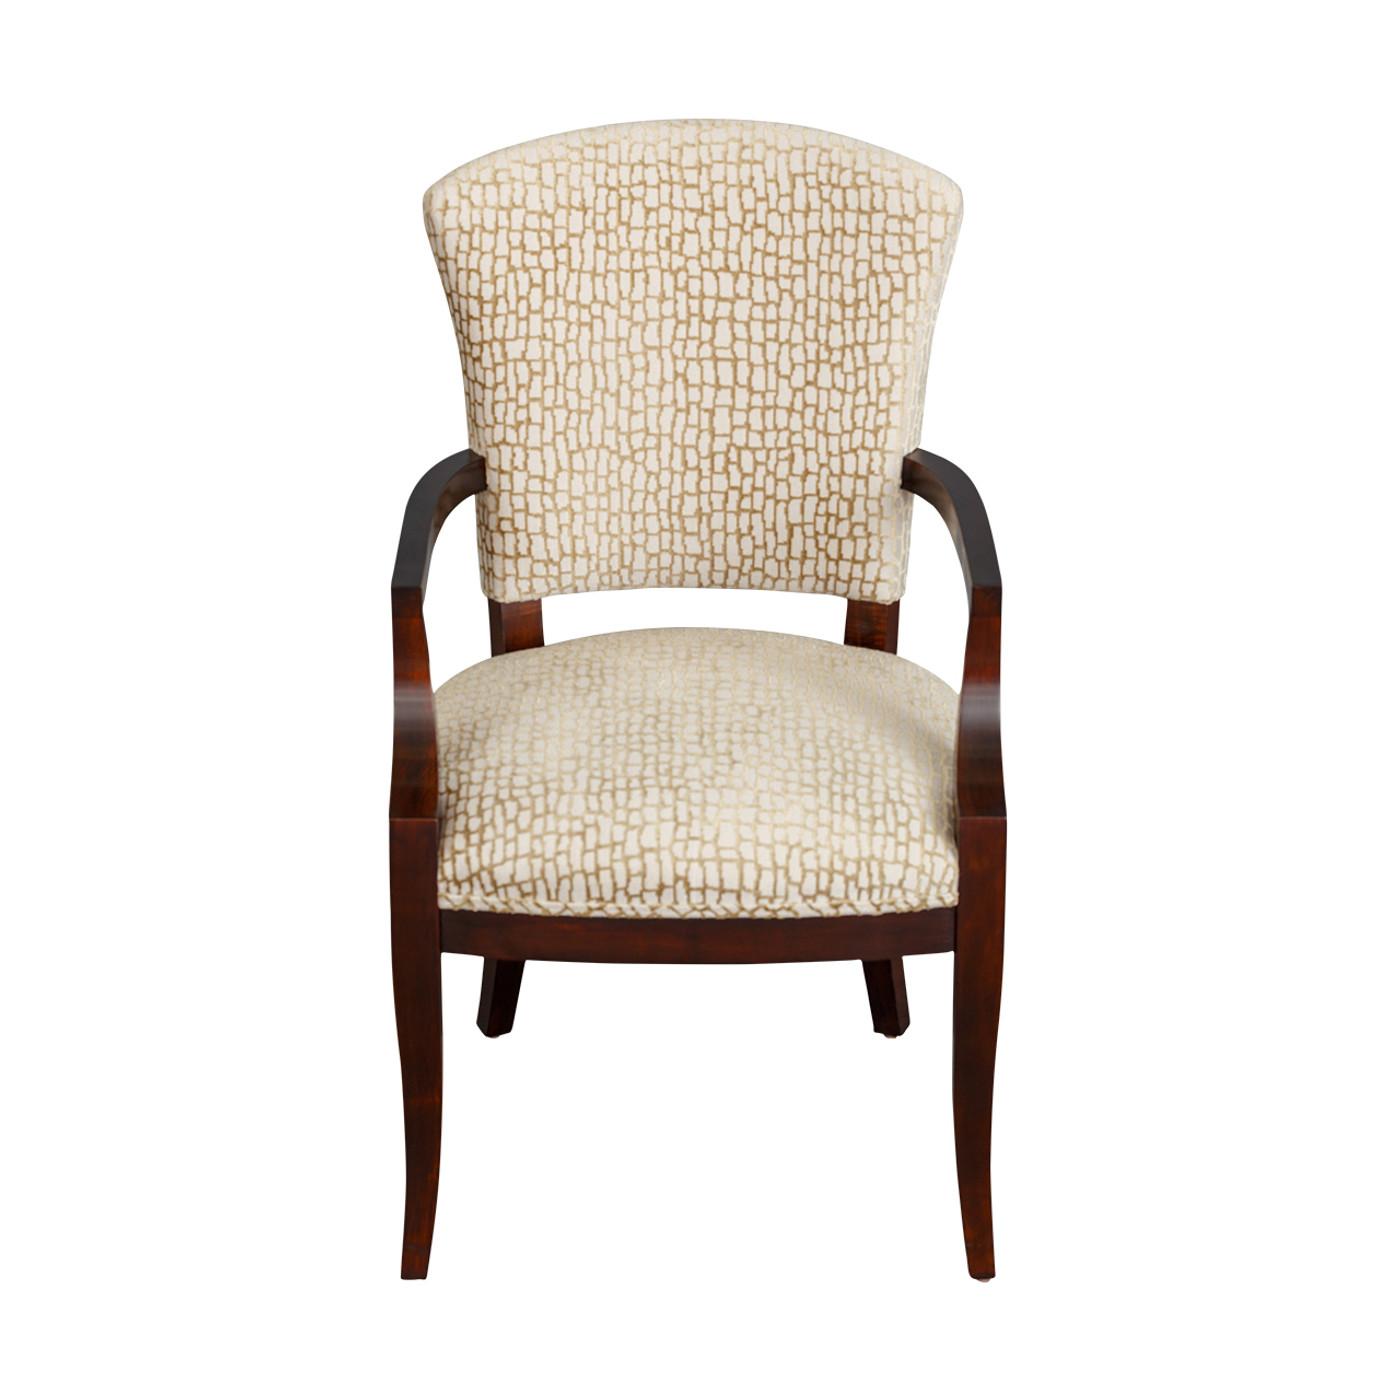 Annapolitan Arm Chair - Size II #2